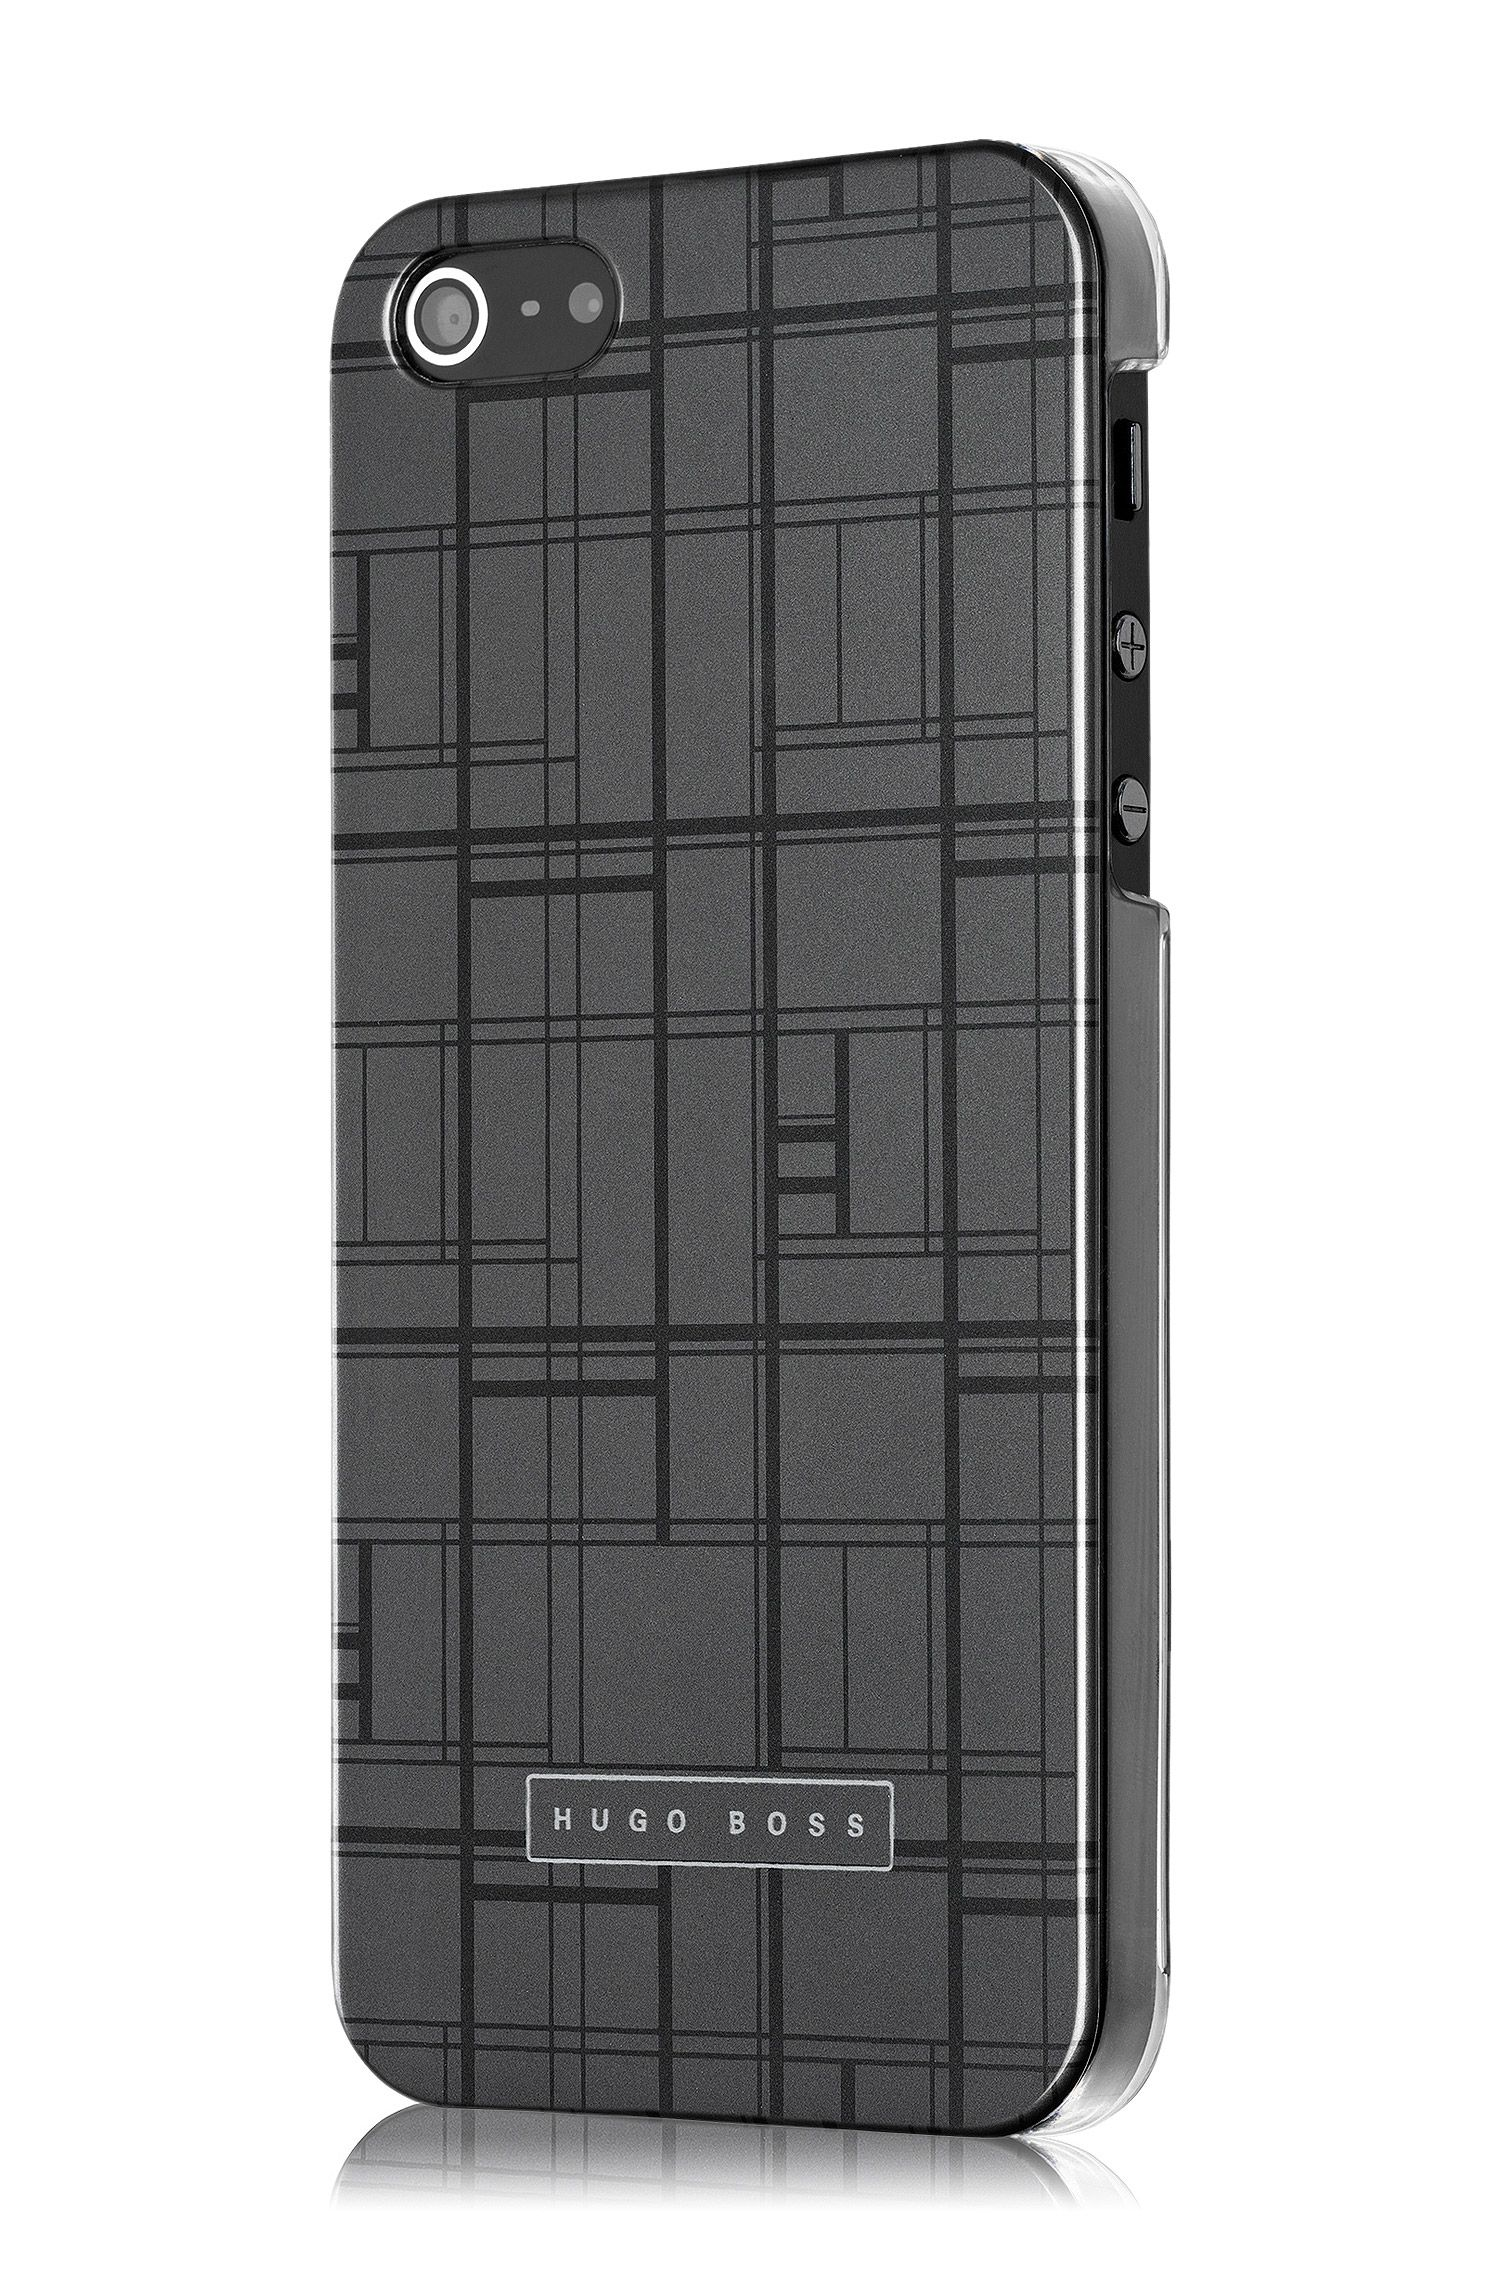 Coque rigide «Catwalk IP5 Grey» pour iPhone5/5s